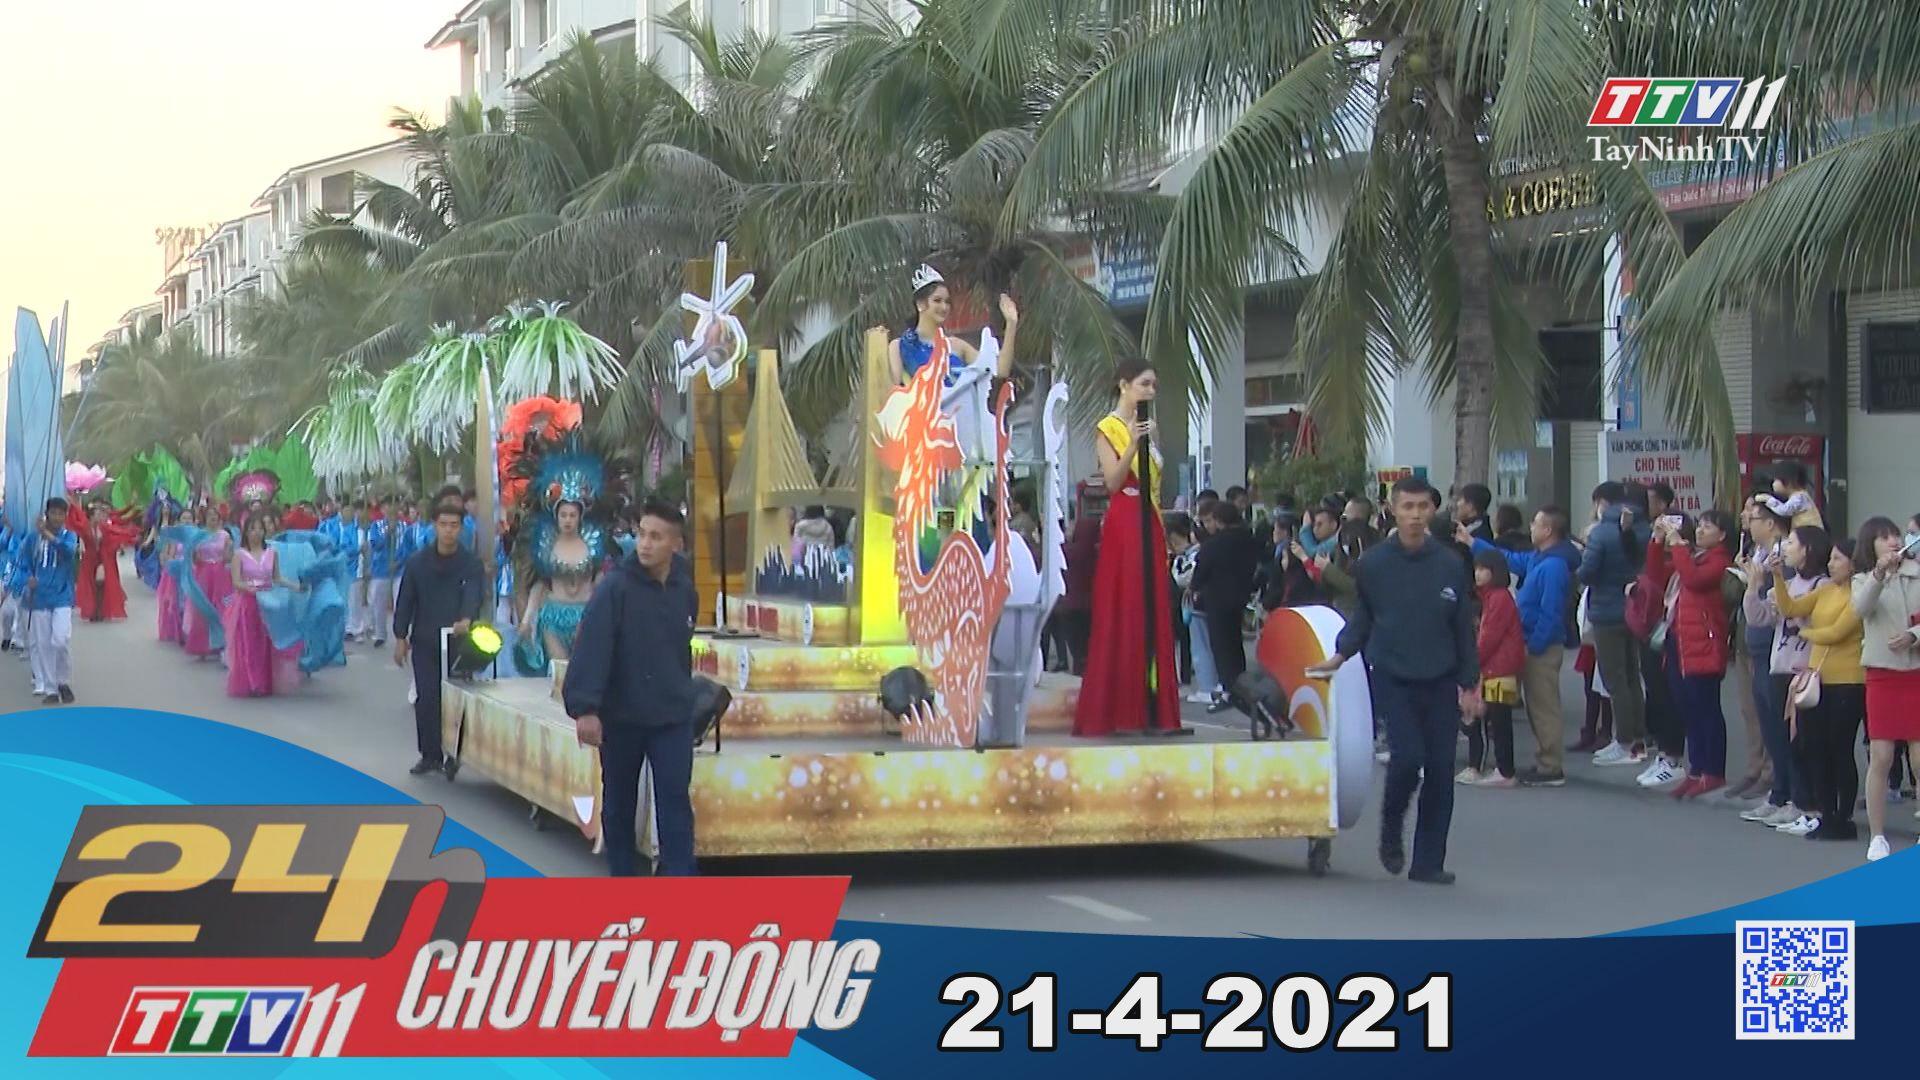 24h Chuyển động 21-4-2021 | Tin tức hôm nay | TayNinhTV